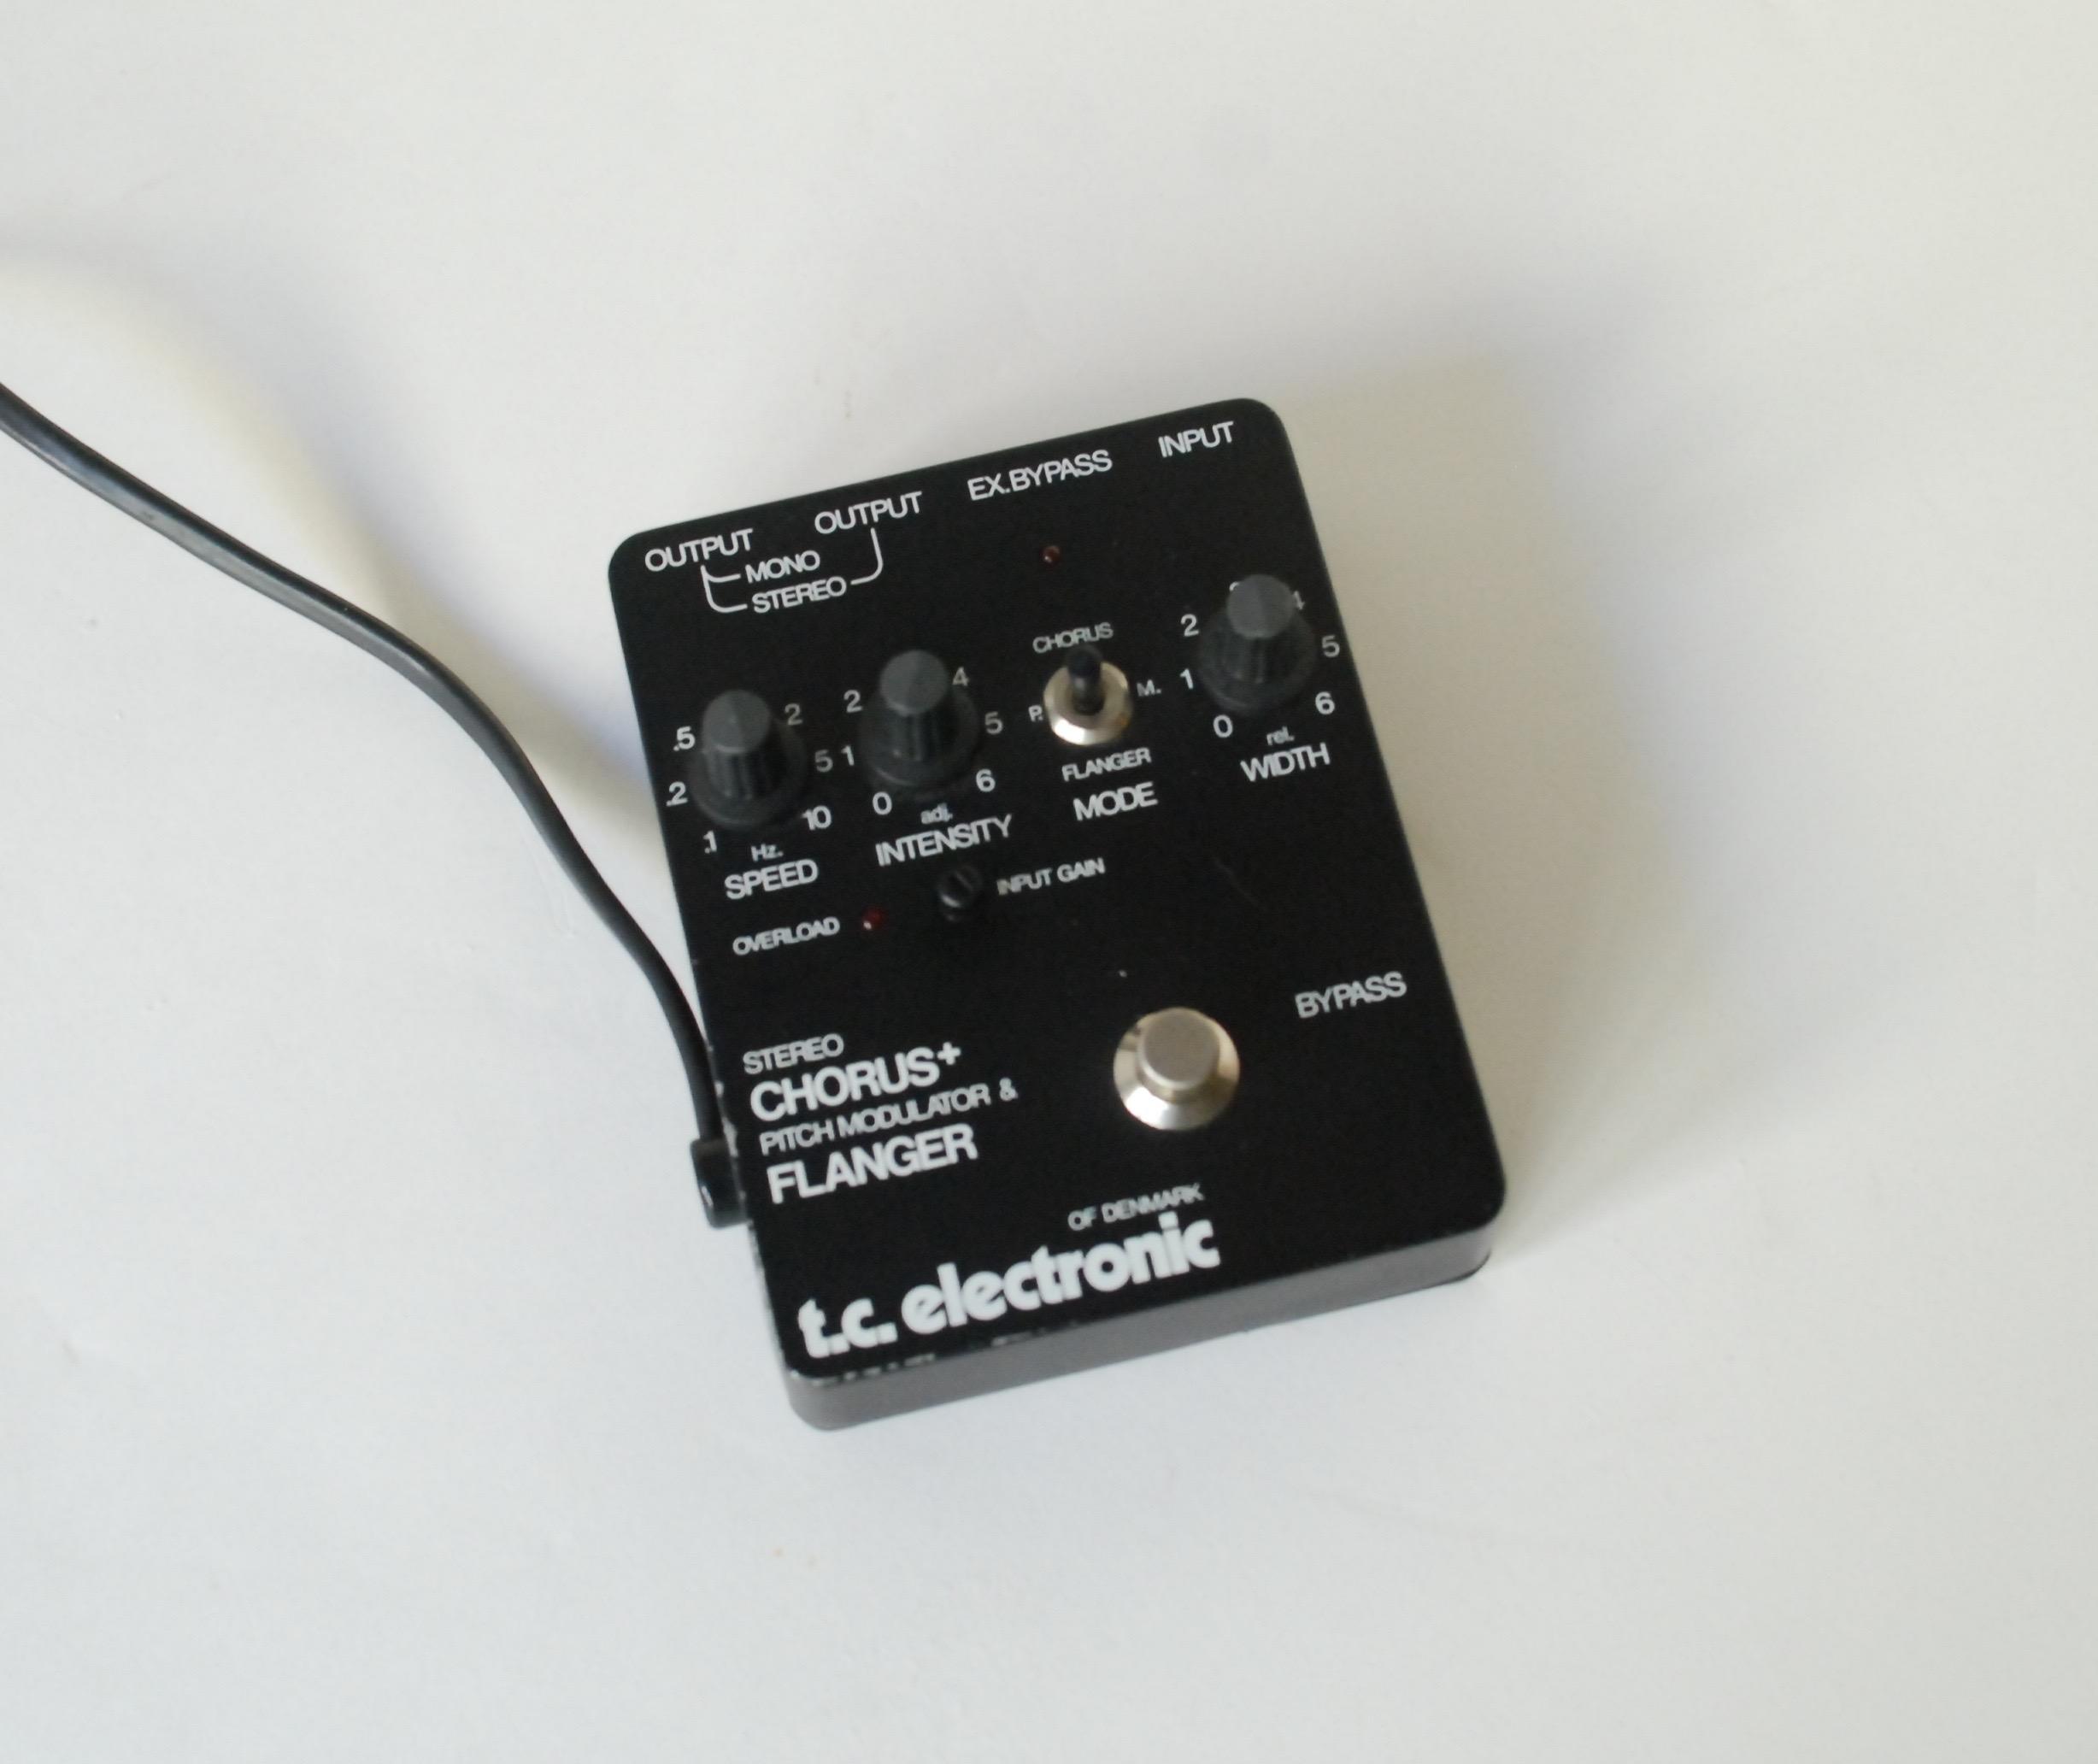 tc electronic scf st r o chorus flanger 1988 black effect pedal for sale bass n guitar. Black Bedroom Furniture Sets. Home Design Ideas